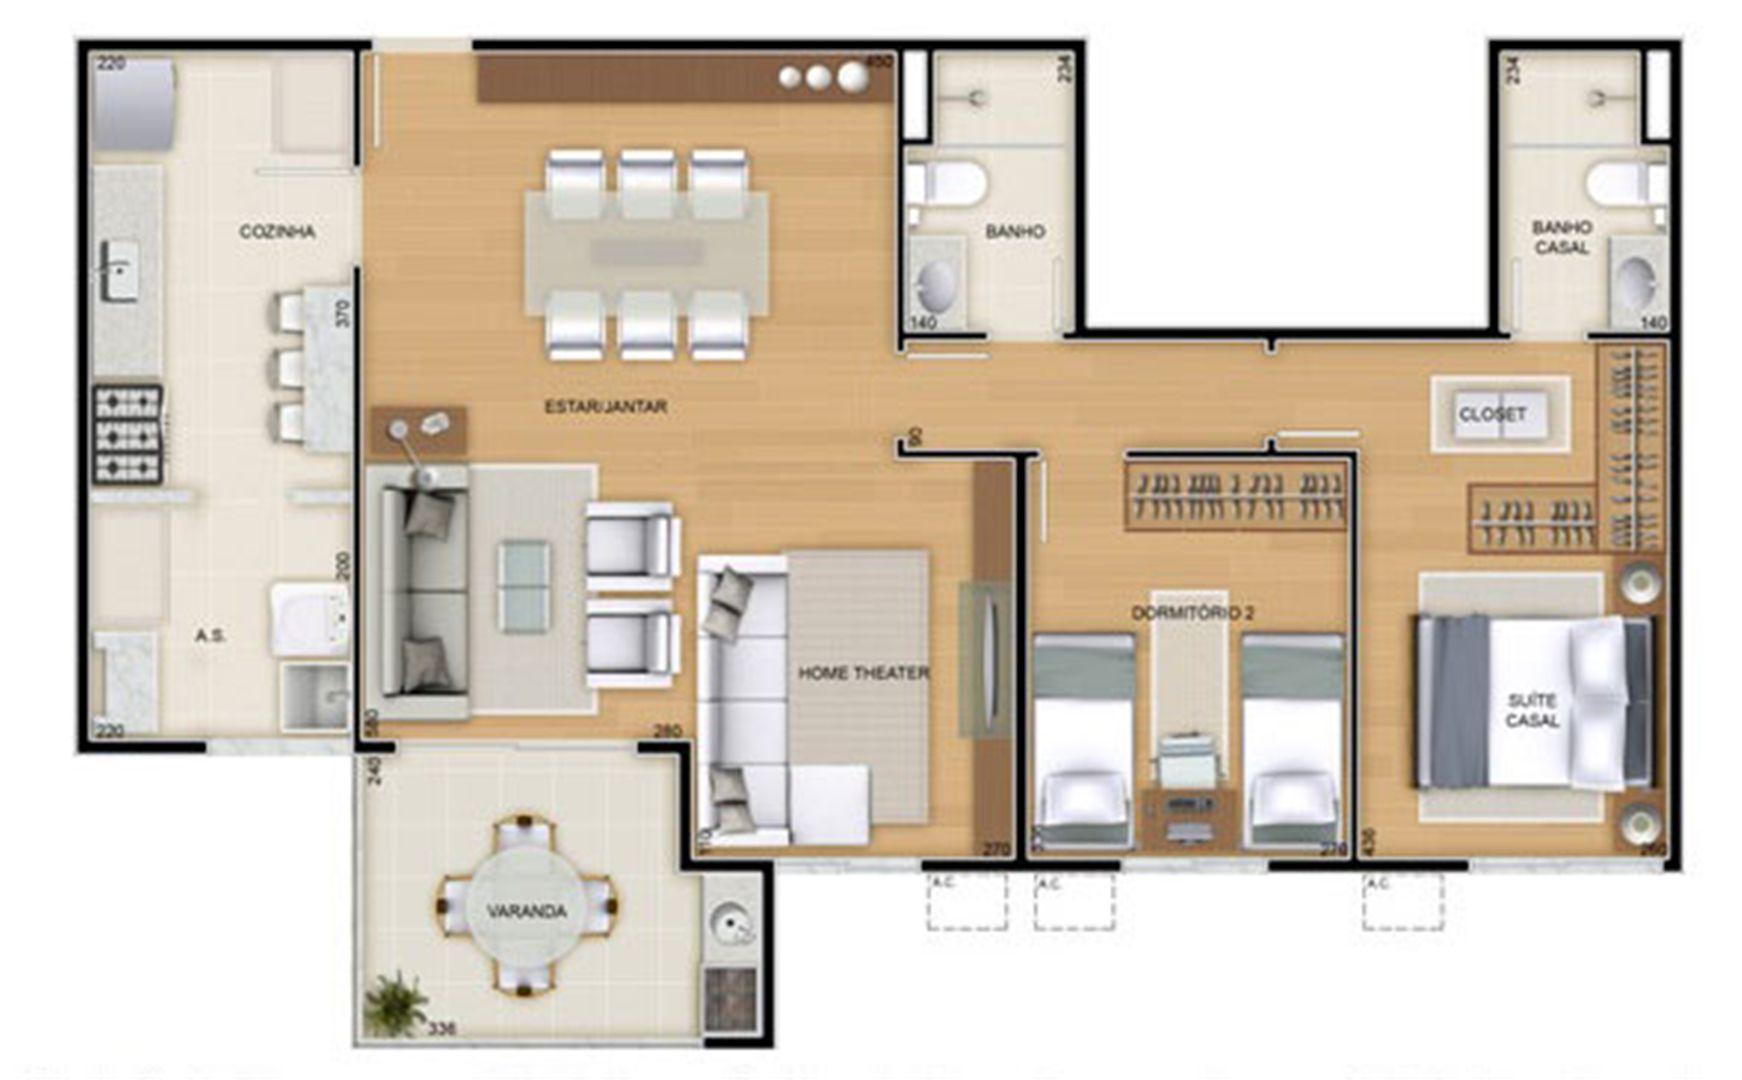 Torres 2 e 3 - 3 Quartos - 90 m² - Planta opção - 2 quartos e sala ampliada   Reserva Verde Residencial Park – Apartamento em  Laranjeiras - Serra - Espírito Santo